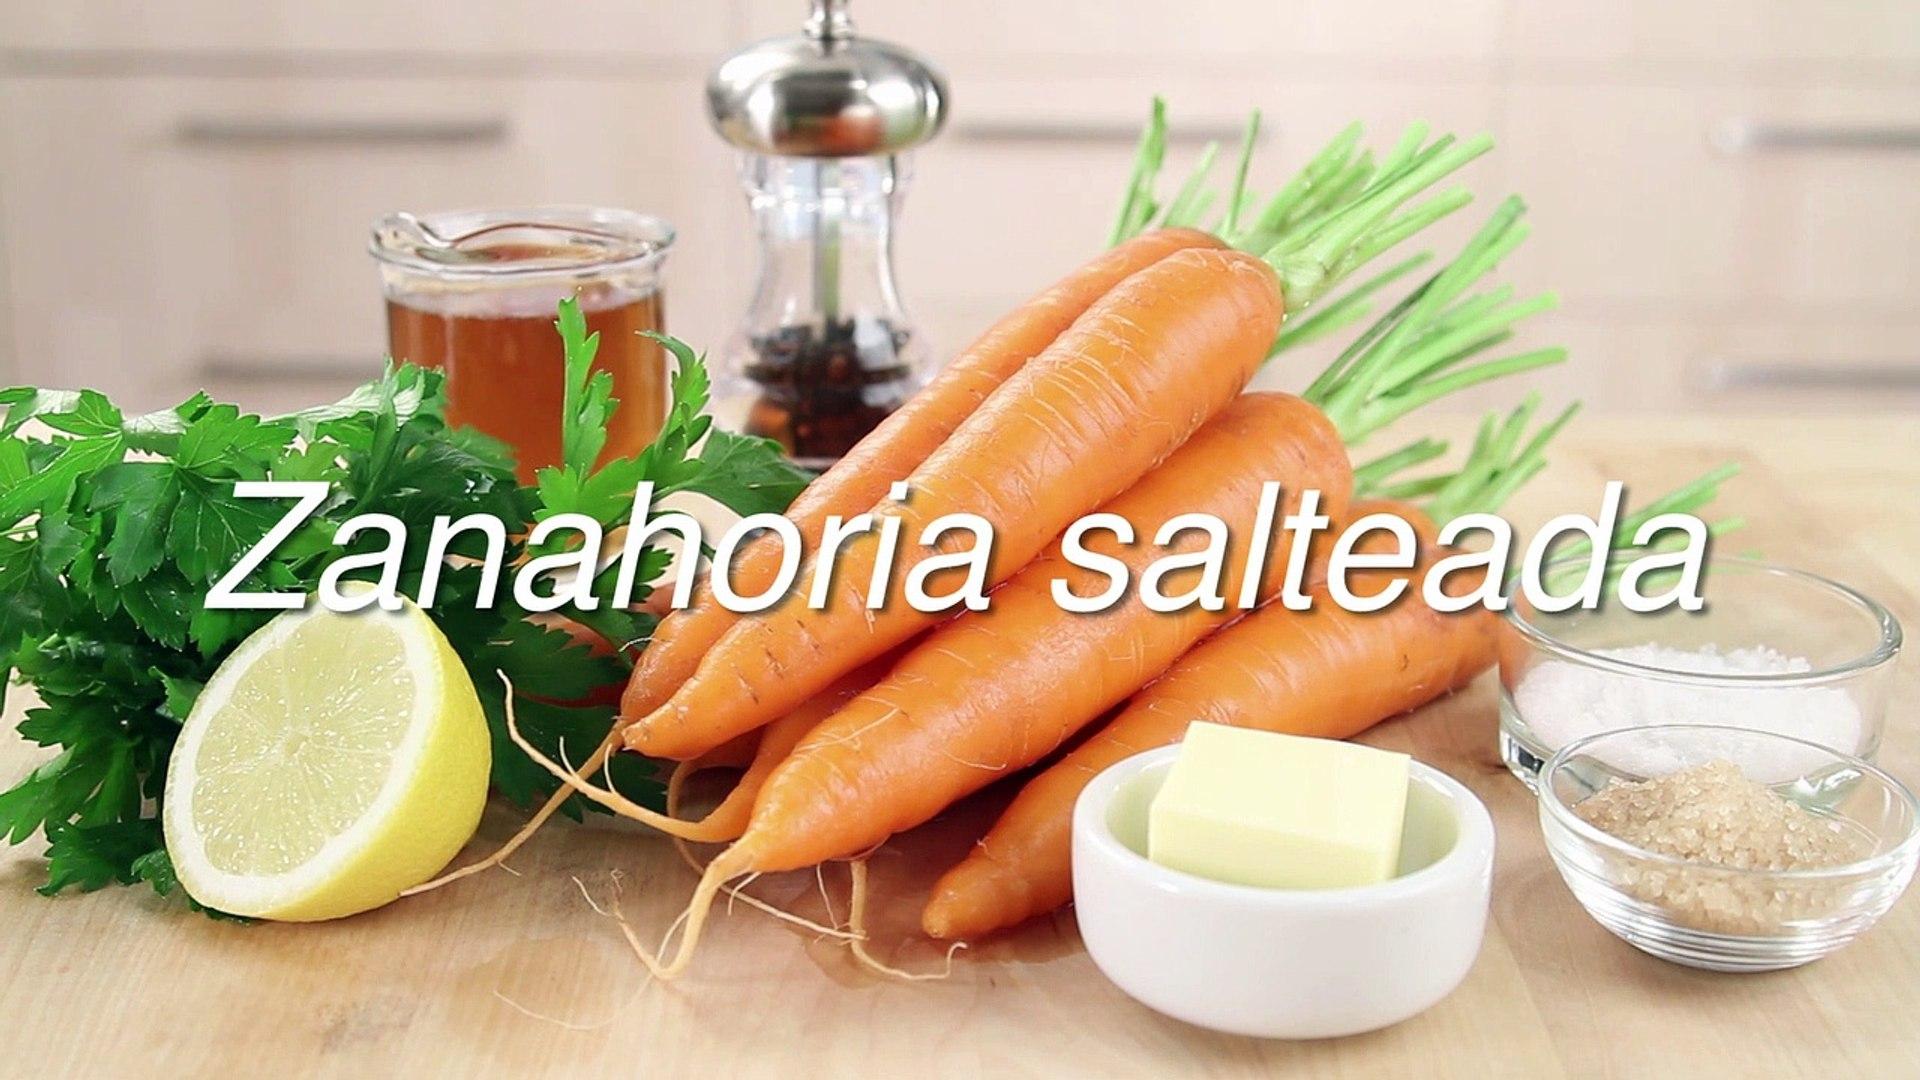 Receta De Zanahoria Salteada Video Dailymotion Plato saludable y fácil de hacer. dailymotion